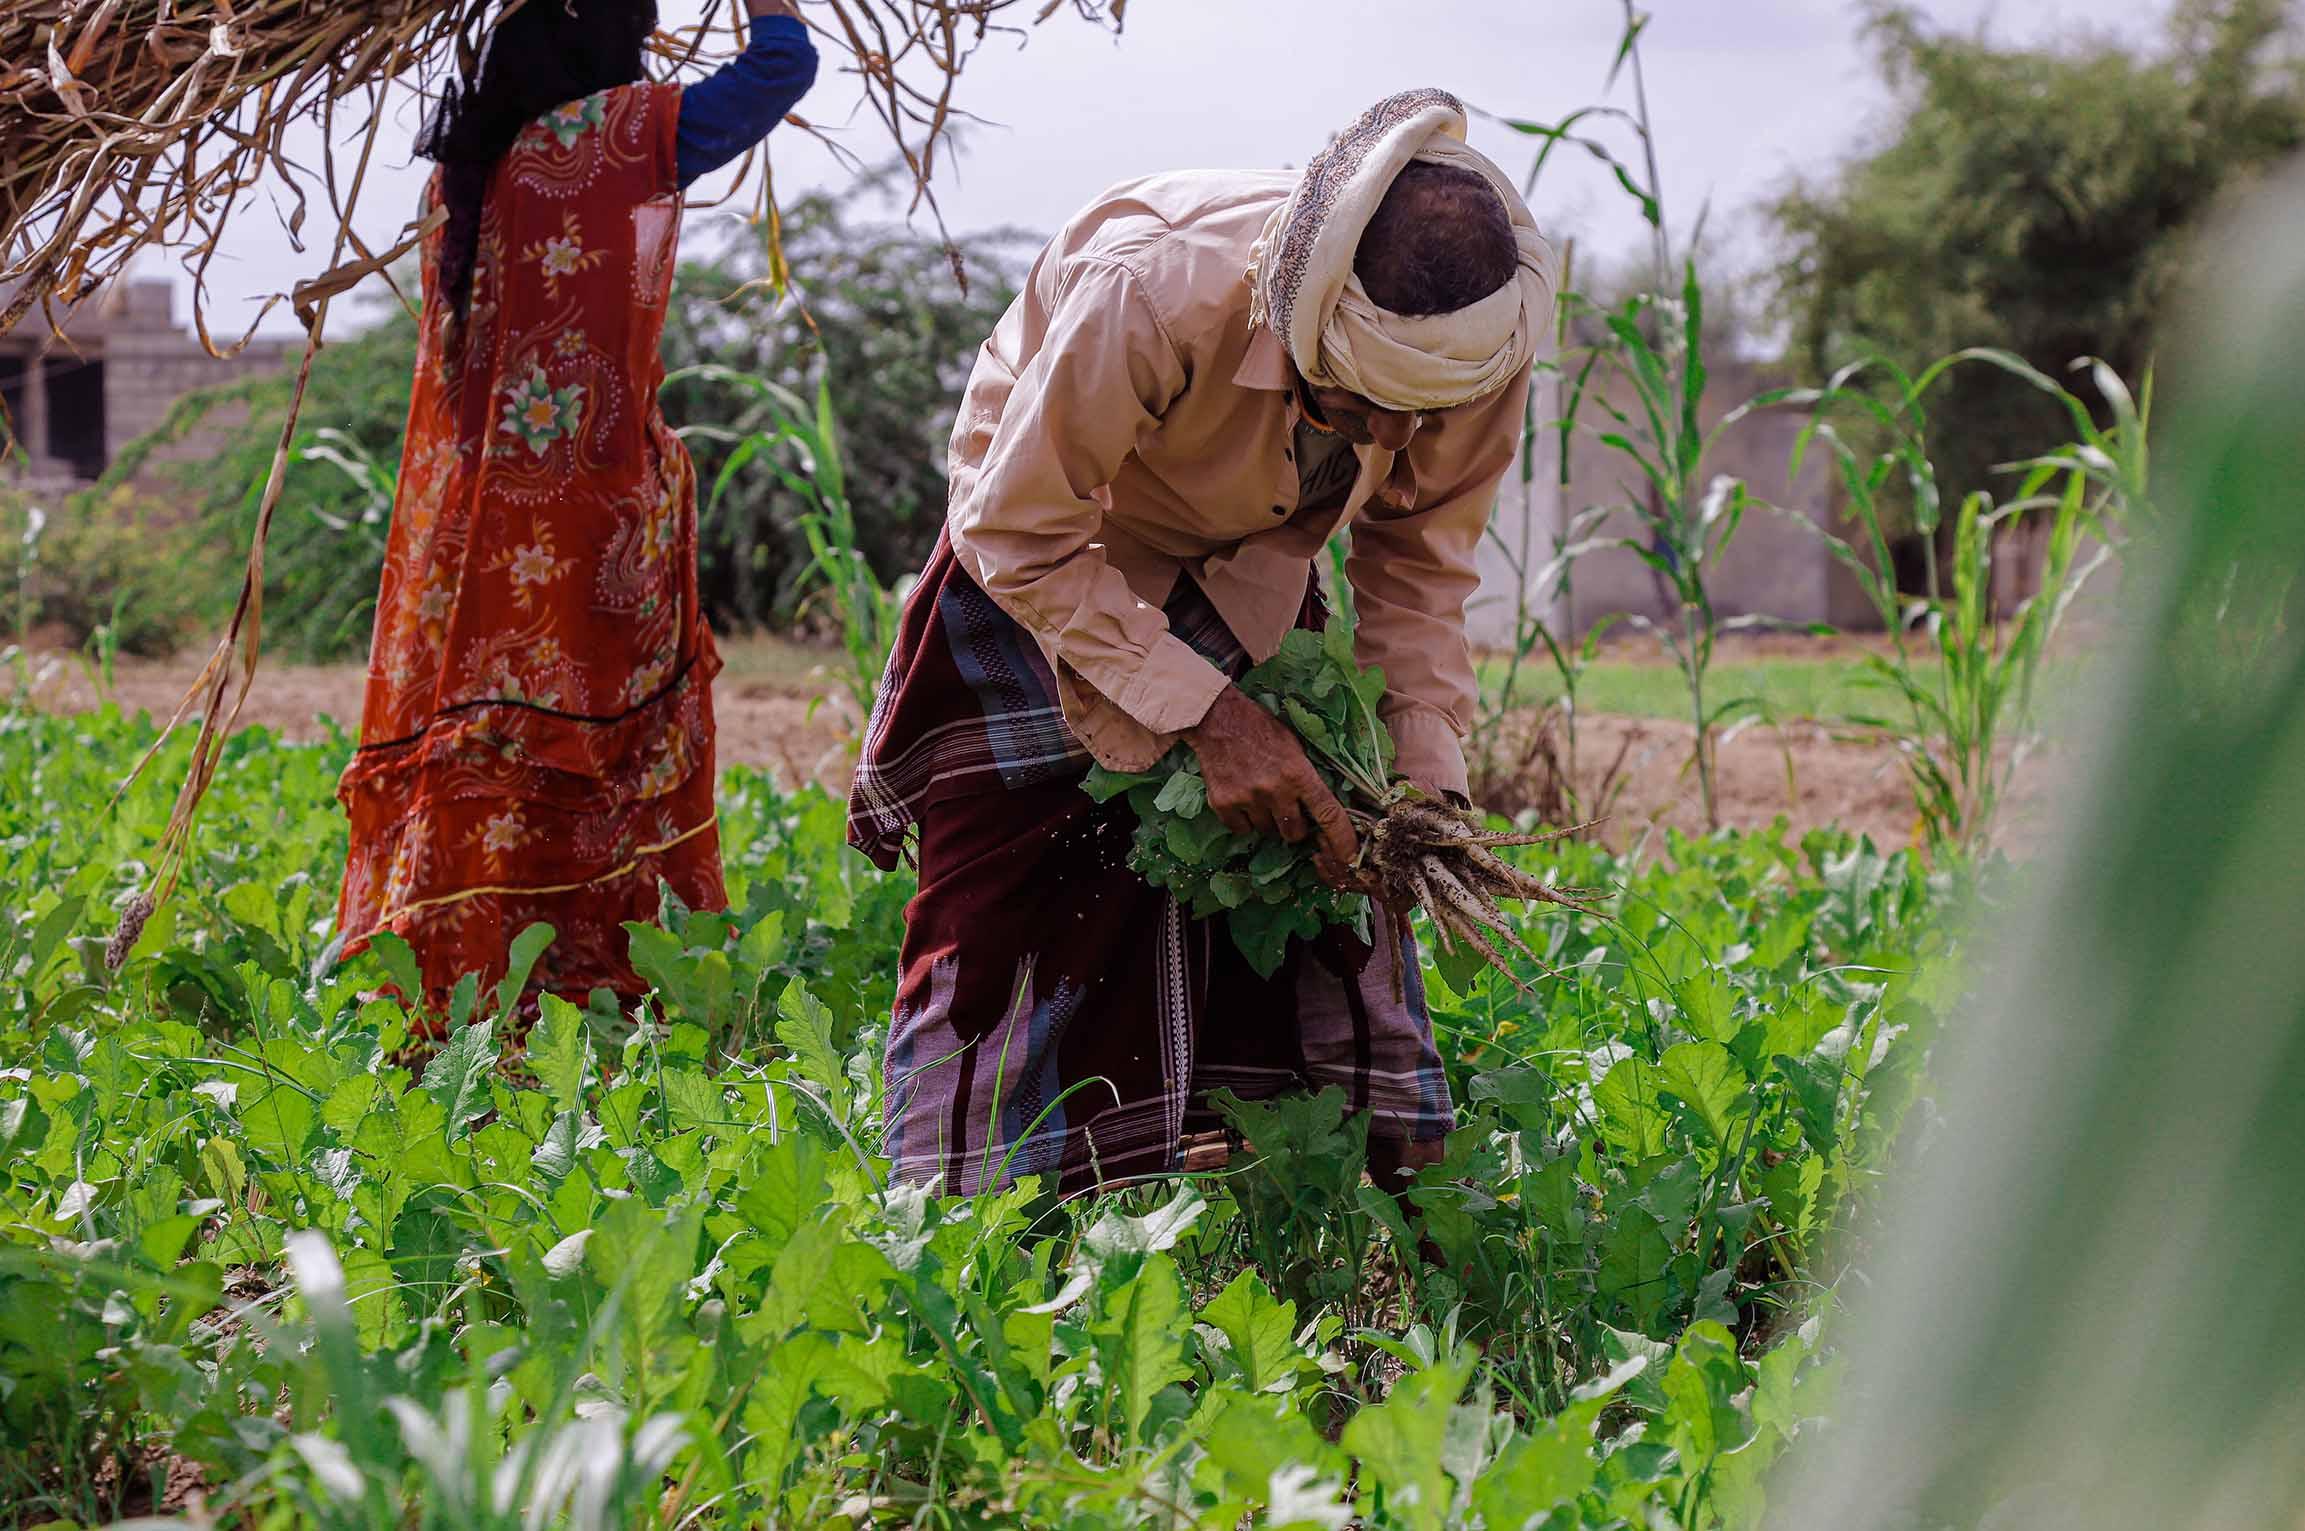 مشروع الامن الغذائي والزراعة - الحديدة